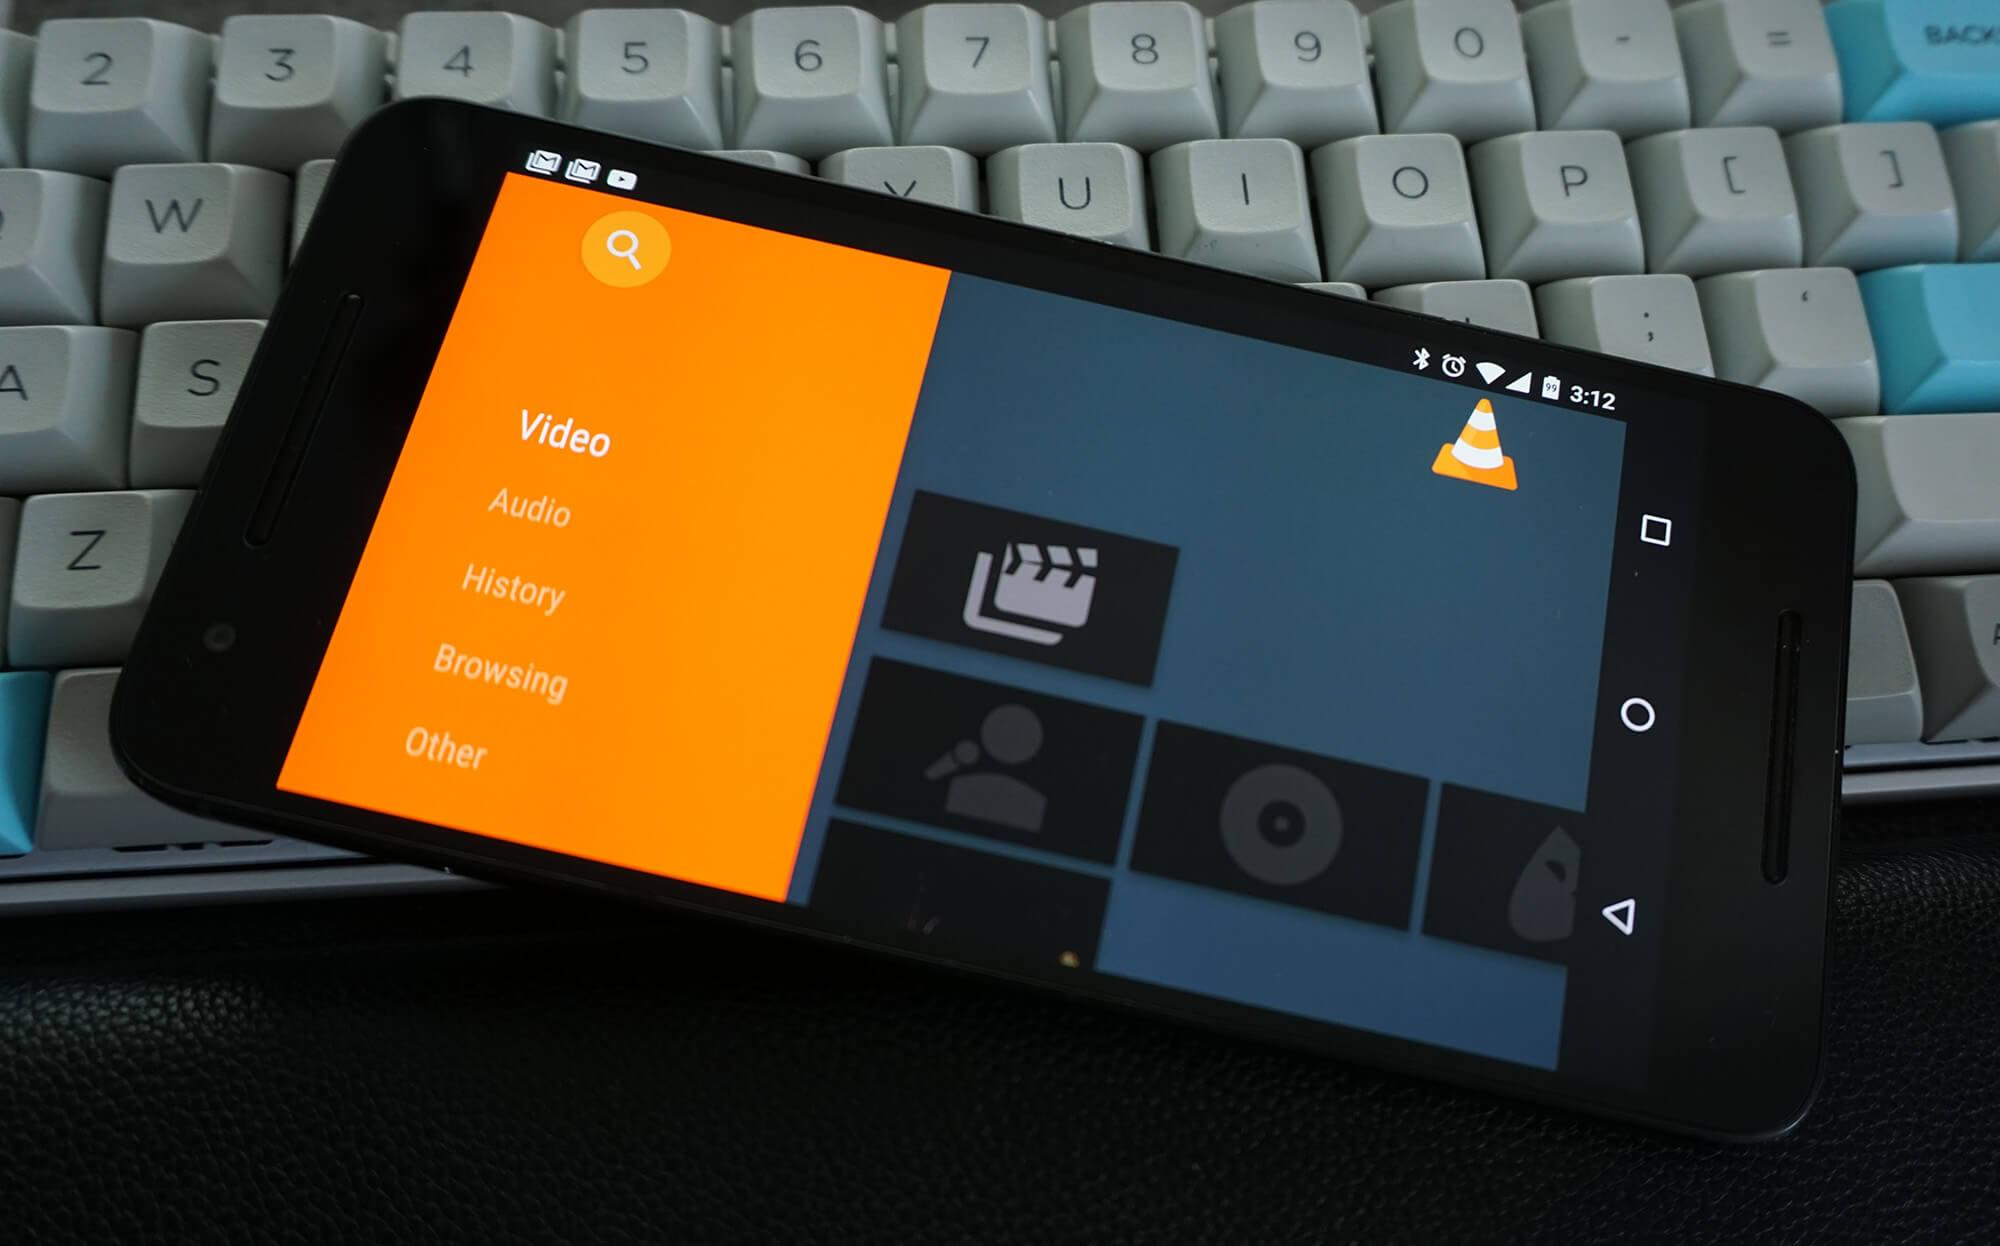 Comment regarder IPTV gratuit sur Smartphone Androïd ? 1